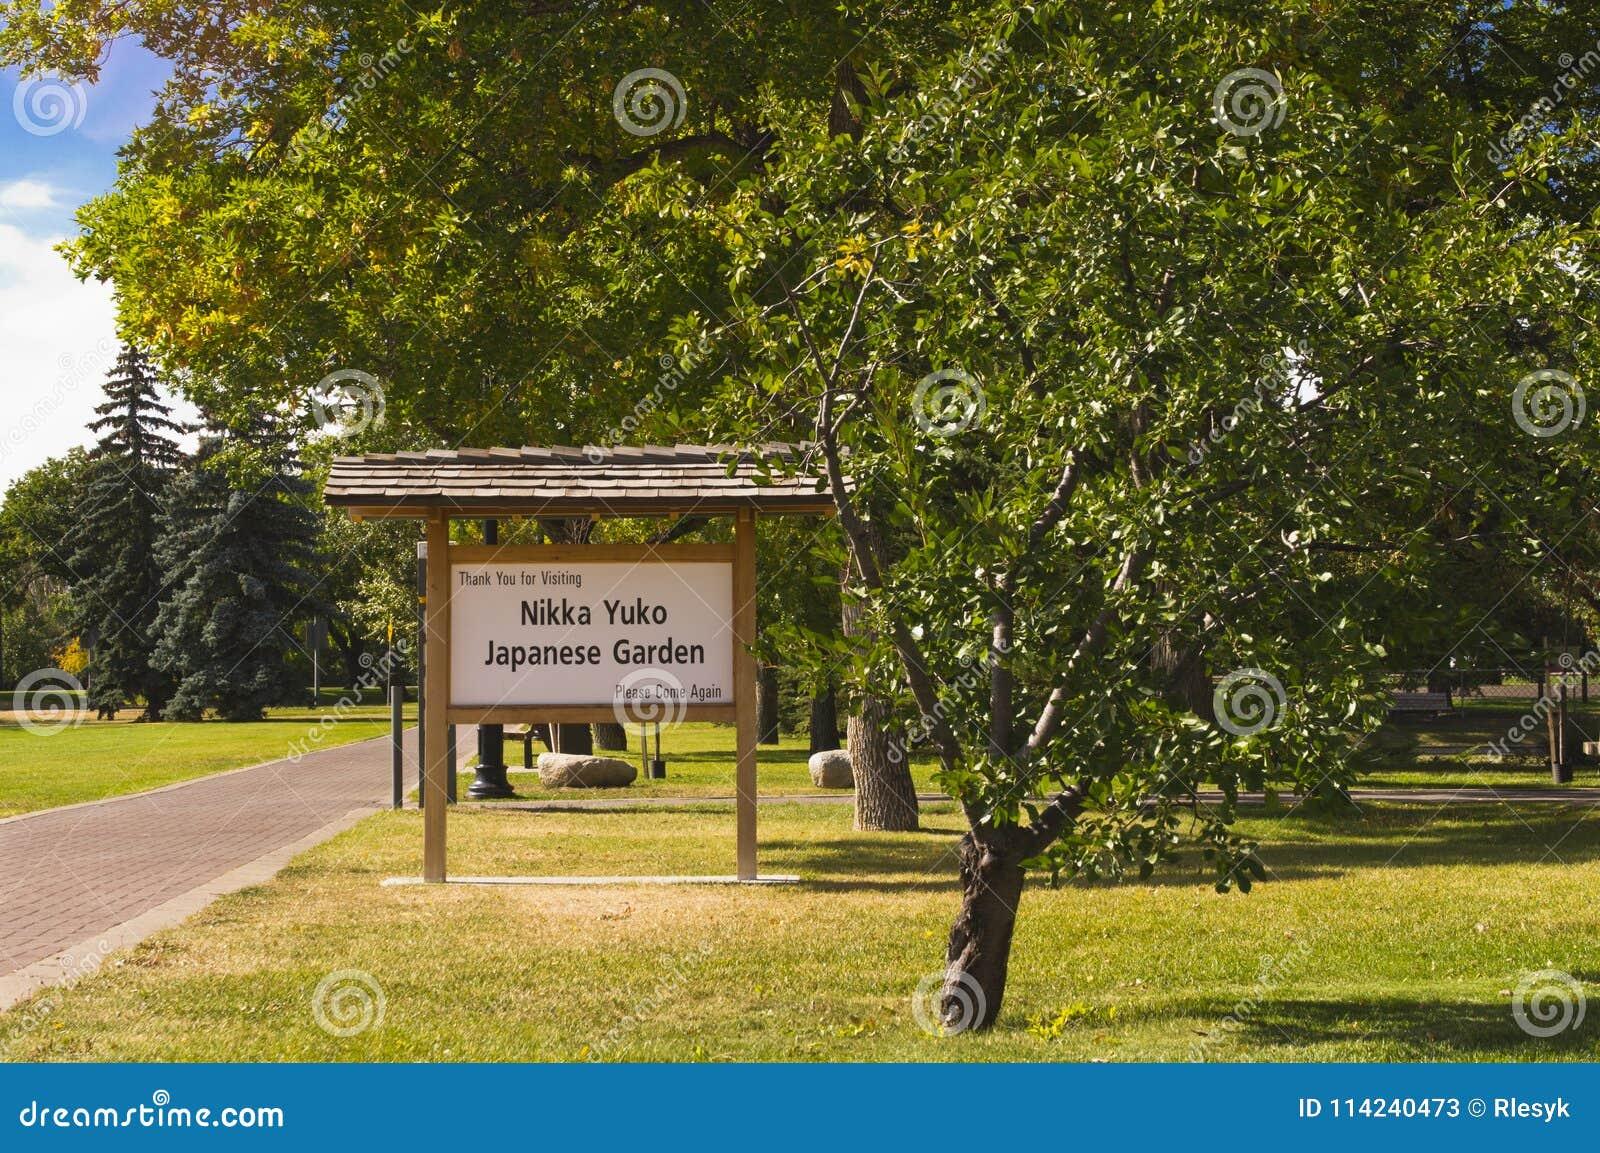 Ιαπωνικός κήπος Yuko Nikka σε Lethbridge, Αλμπέρτα, Καναδάς